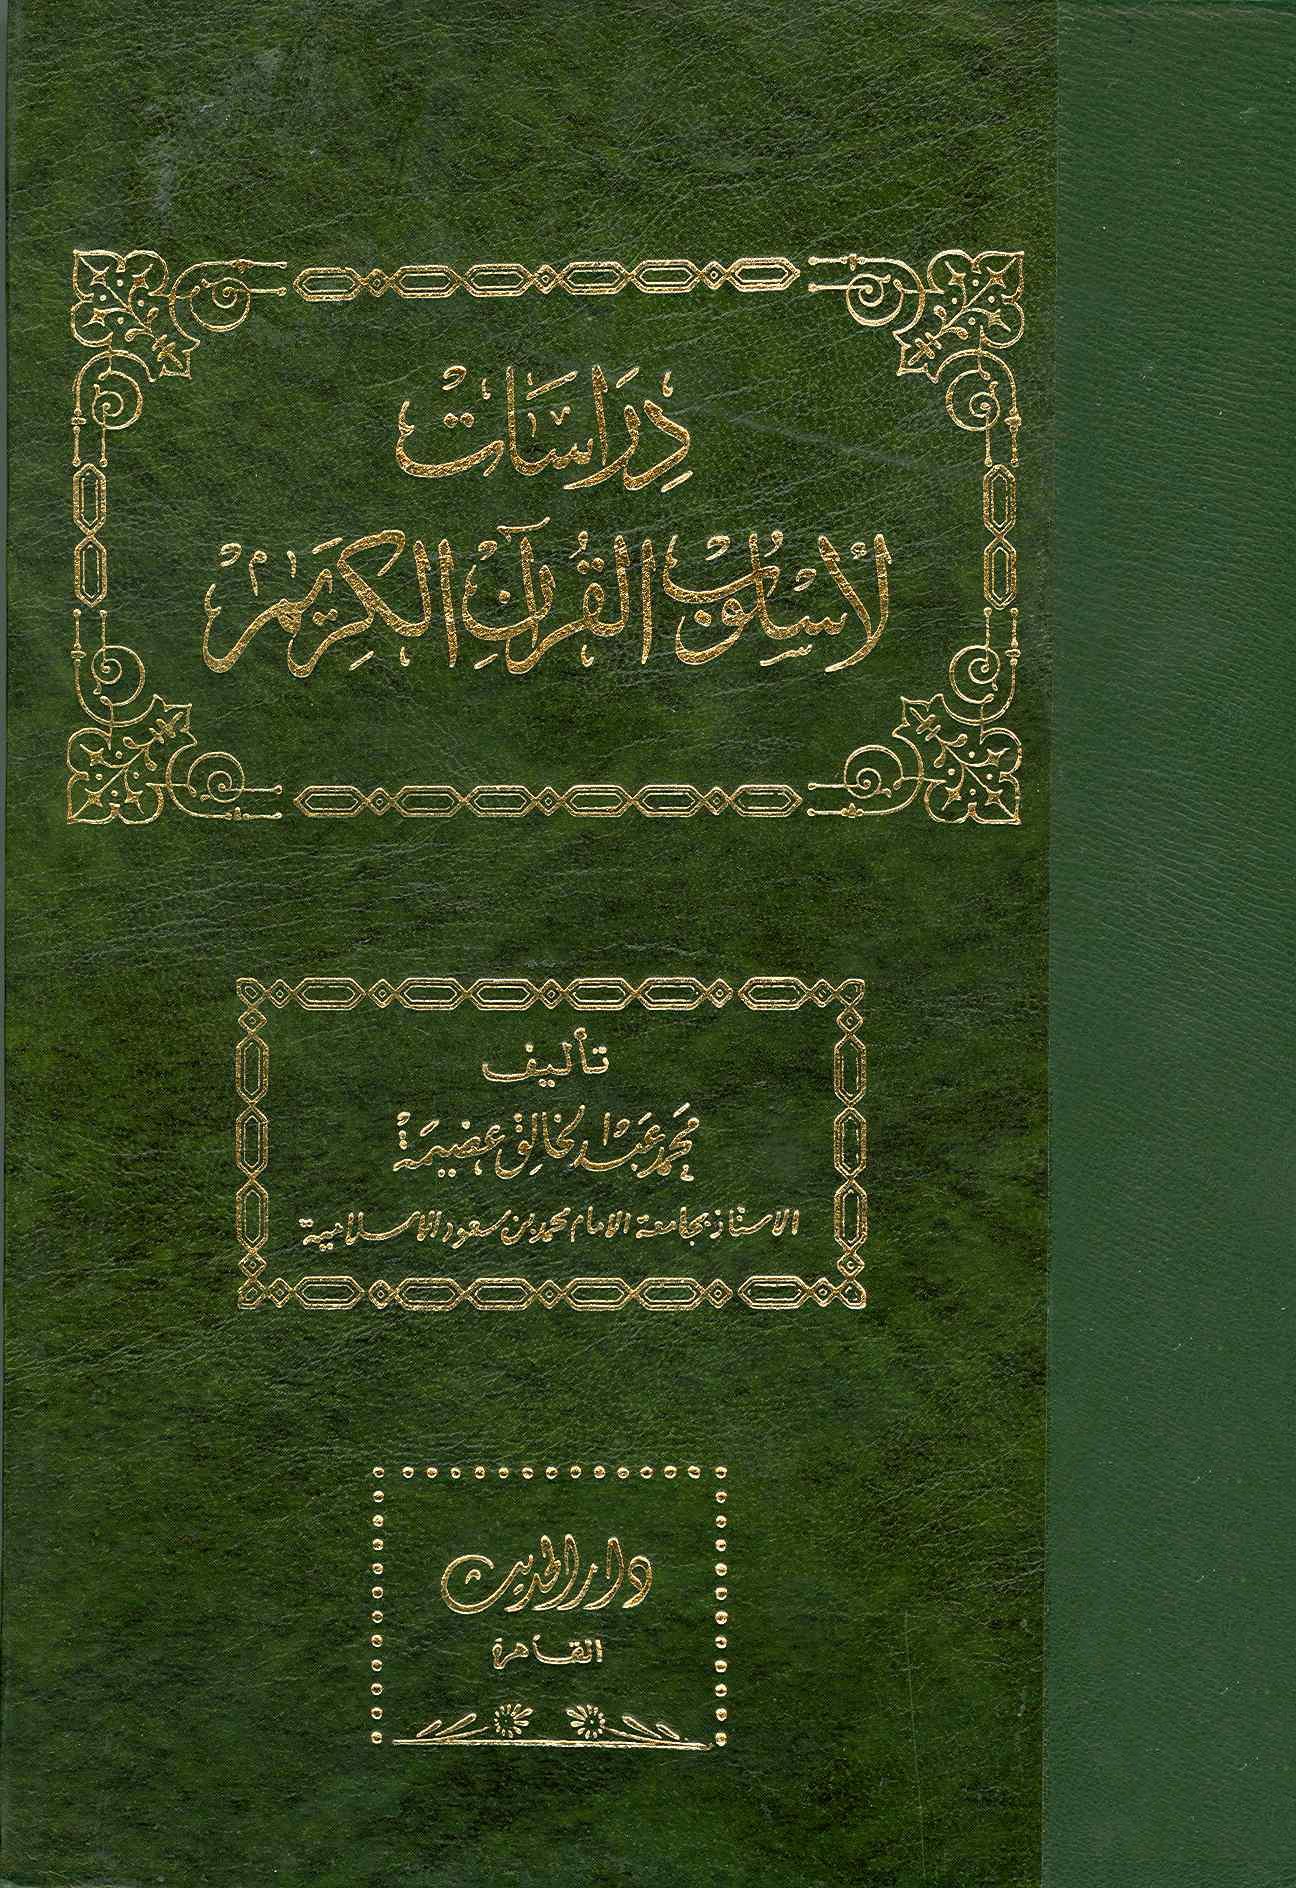 تحميل كتاب دراسات لأسلوب القرآن الكريم لـِ: الدكتور محمد بن عبد الخالق بن علي بن عضيمة (ت 1404)